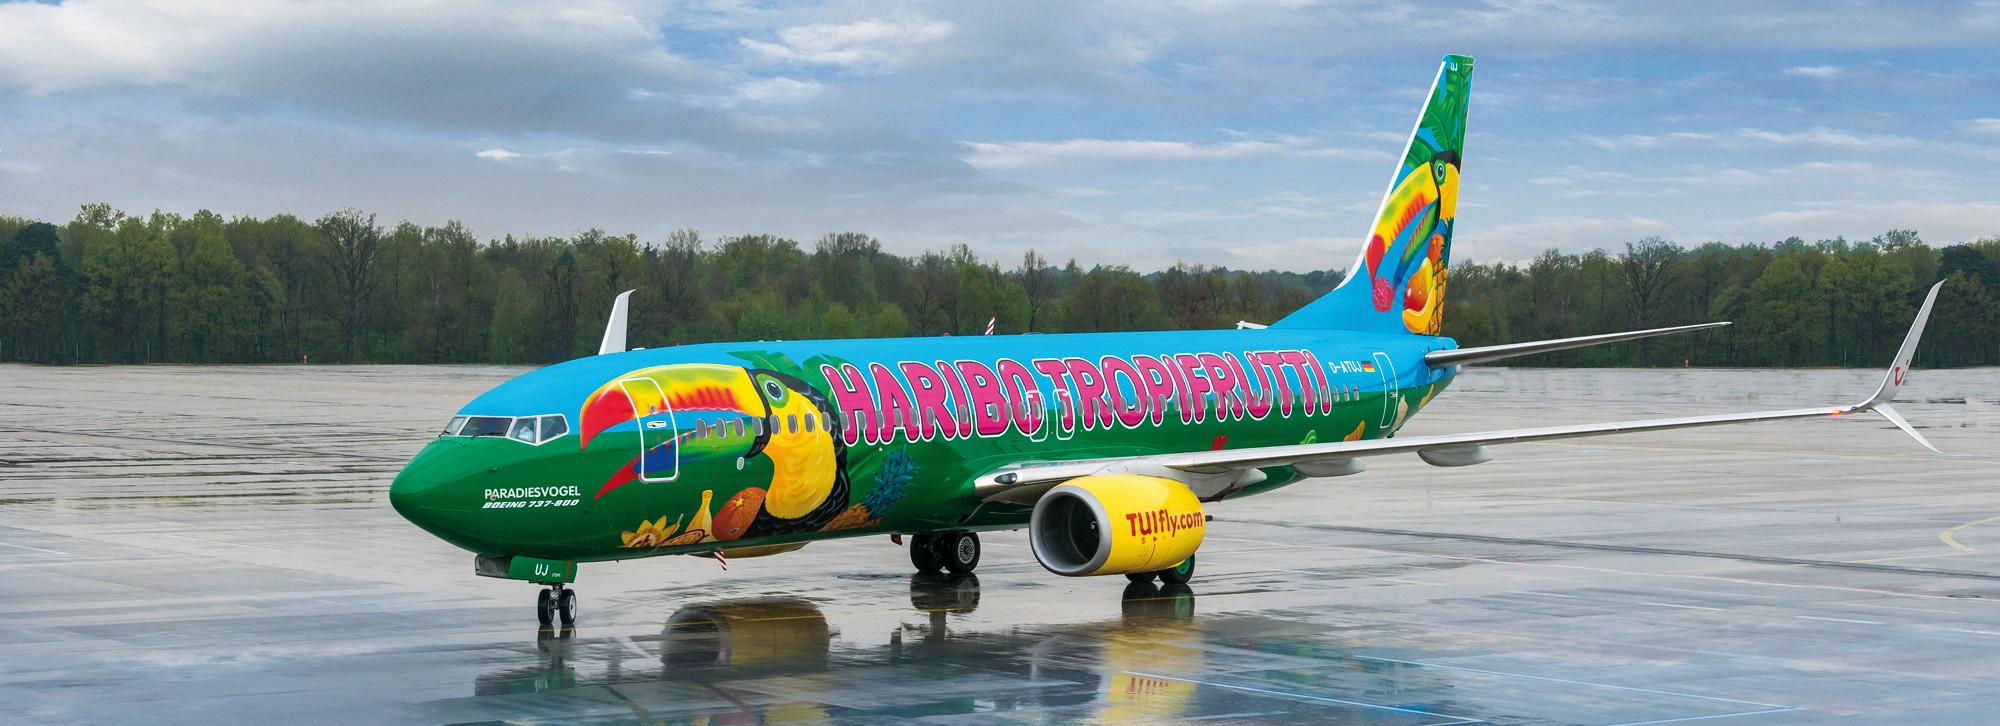 Flugzeugwerbung - Sonderlackierung